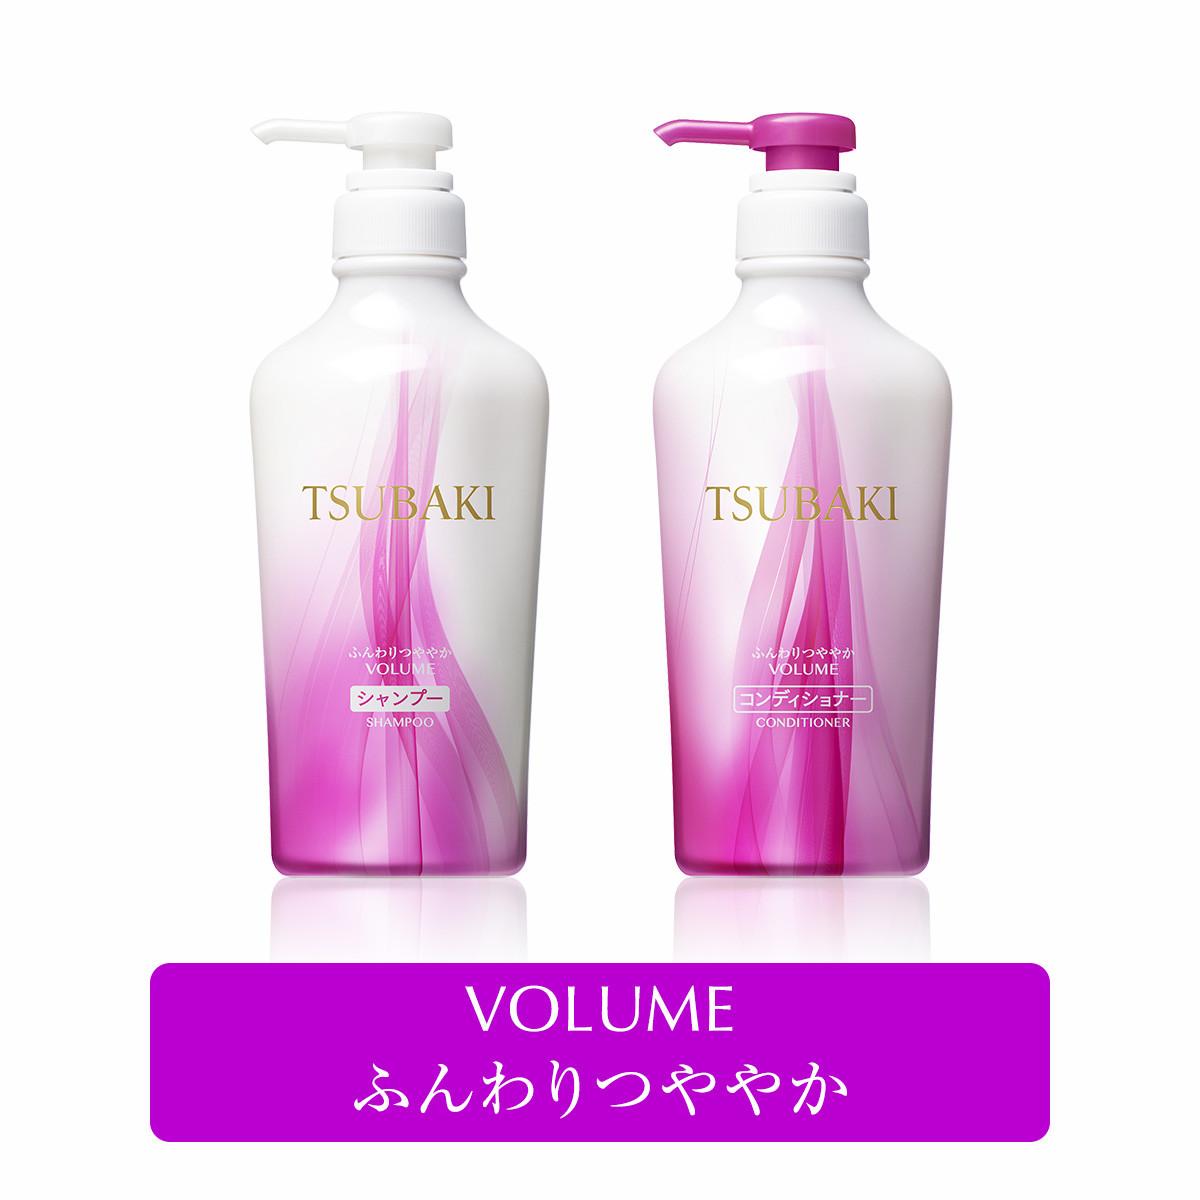 【新発売記念プレゼント付き】芯からきれいな髪を叶える髪の5大美容成分※をベストバランスで配合! 新「TSUBAKI」登場_1_3